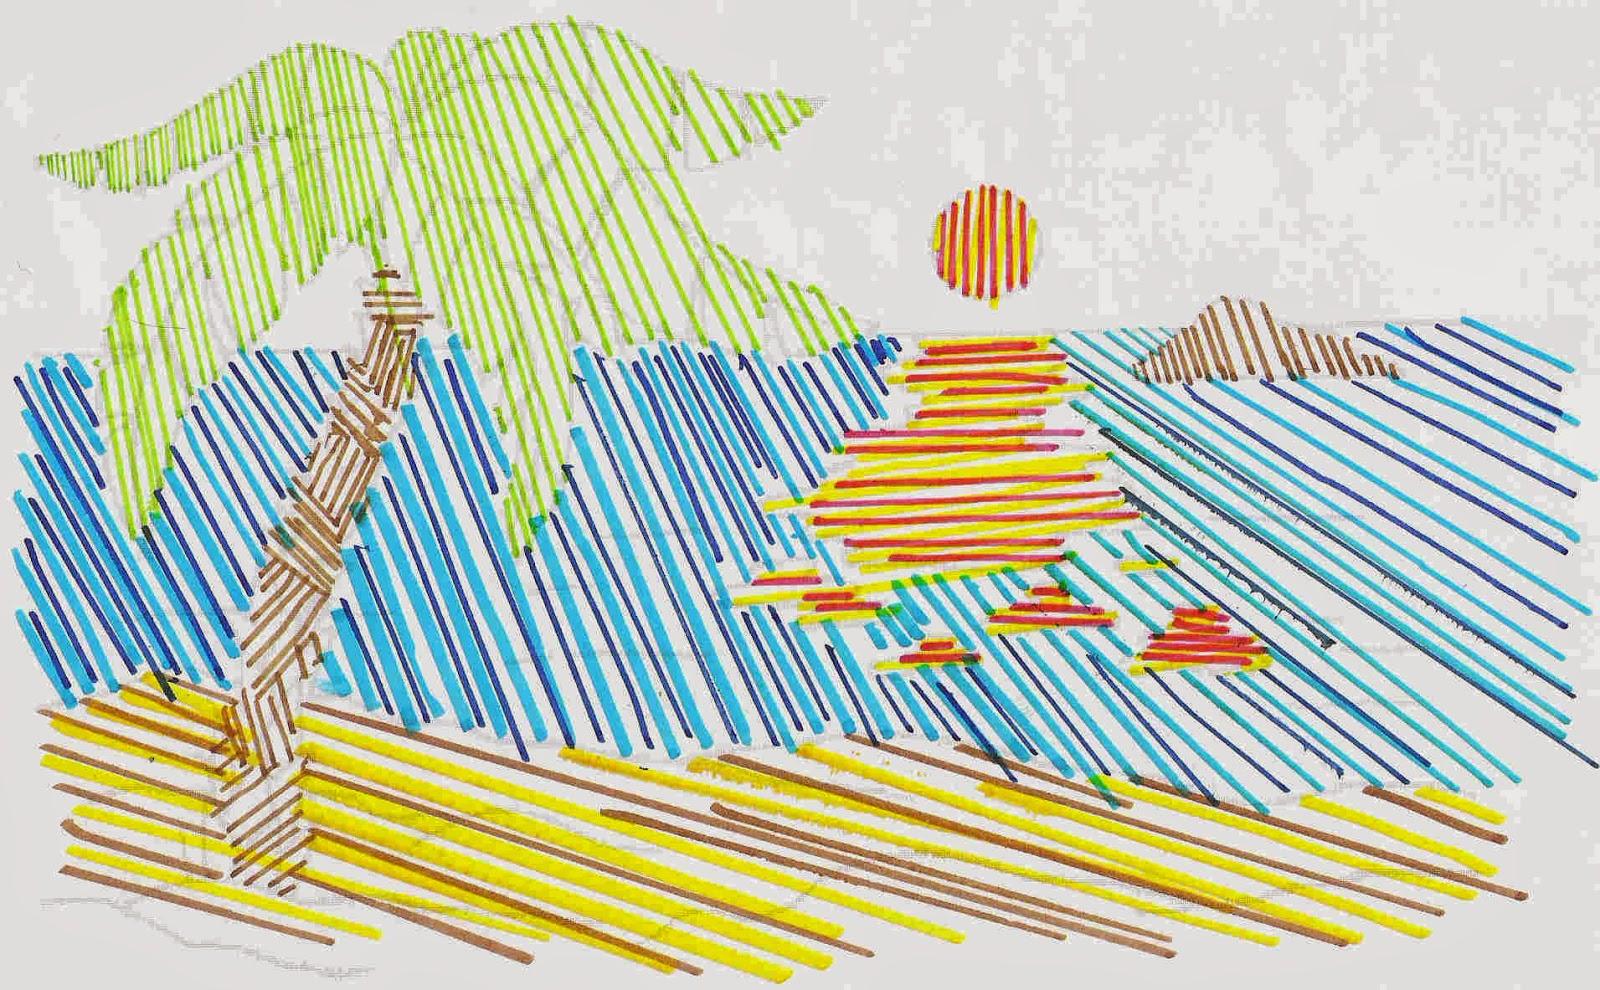 Dibujo De Lineas Paisaje: Educación Artística: Dibujos Con Líneas